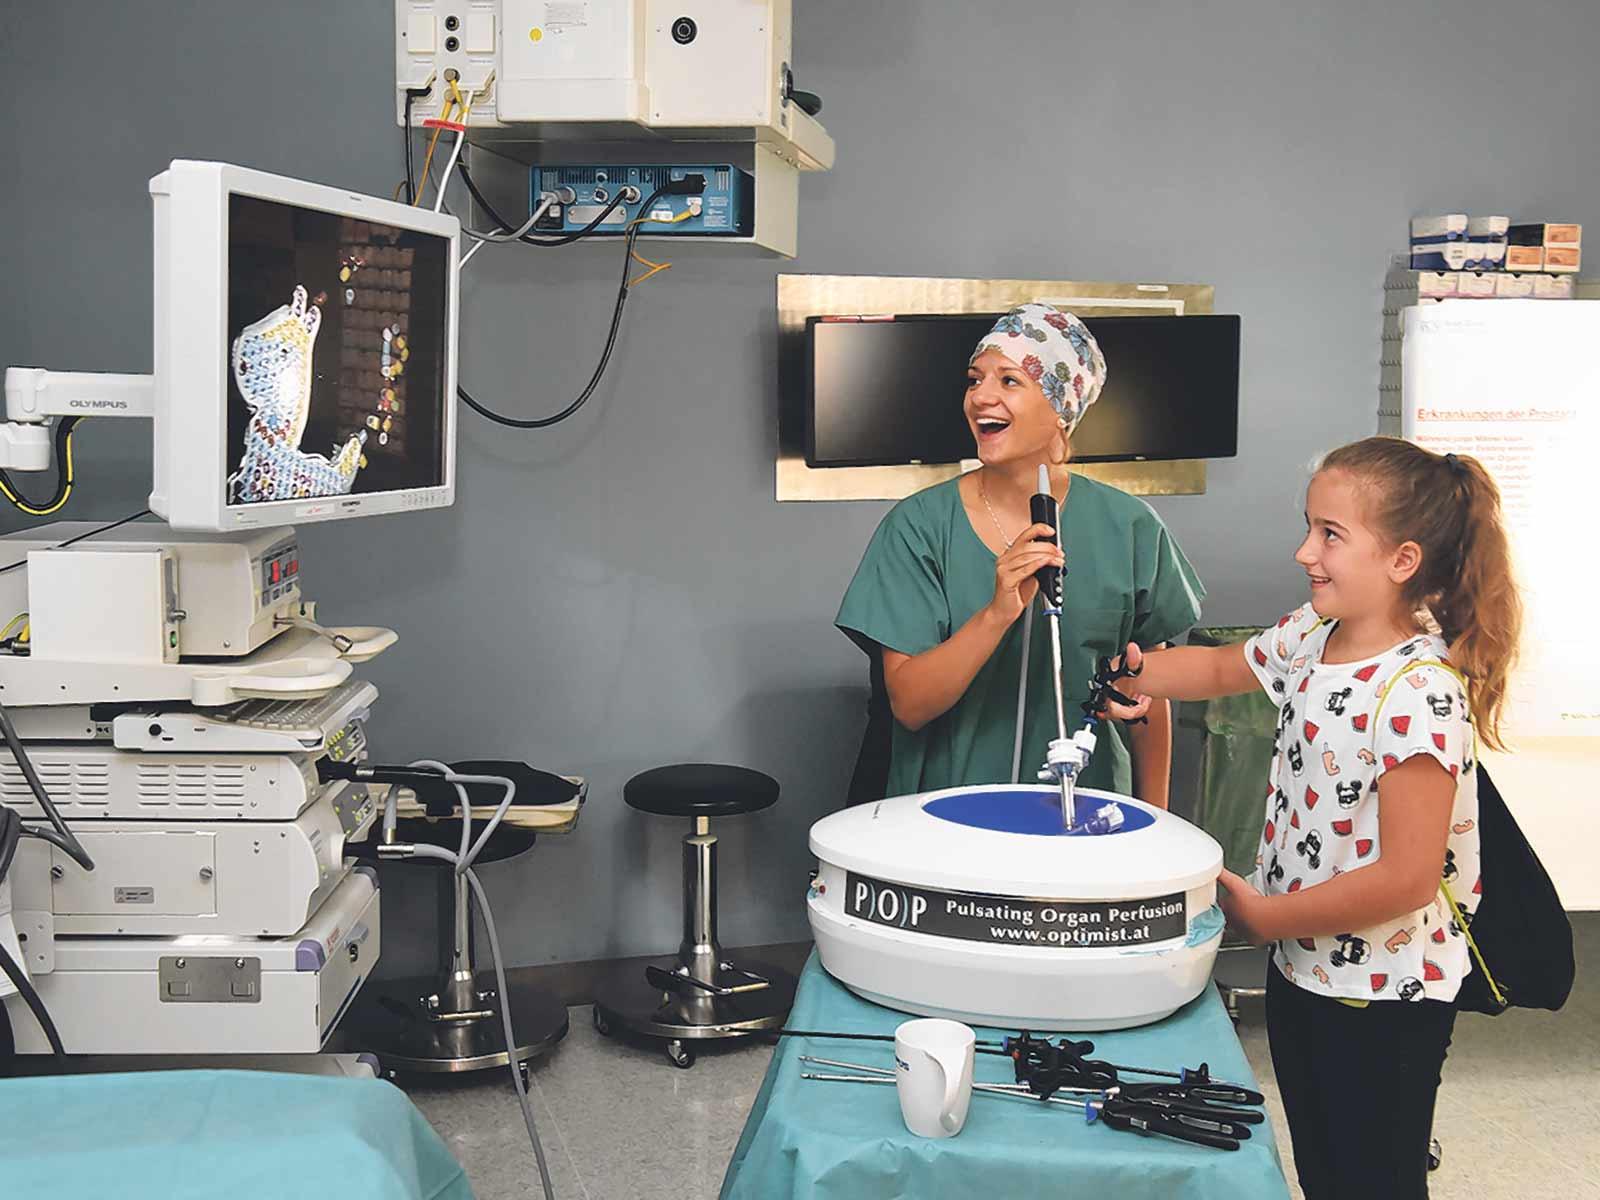 Sich einmal als Bauchchirurgin fühlen: Spass am Pelvitrainer.